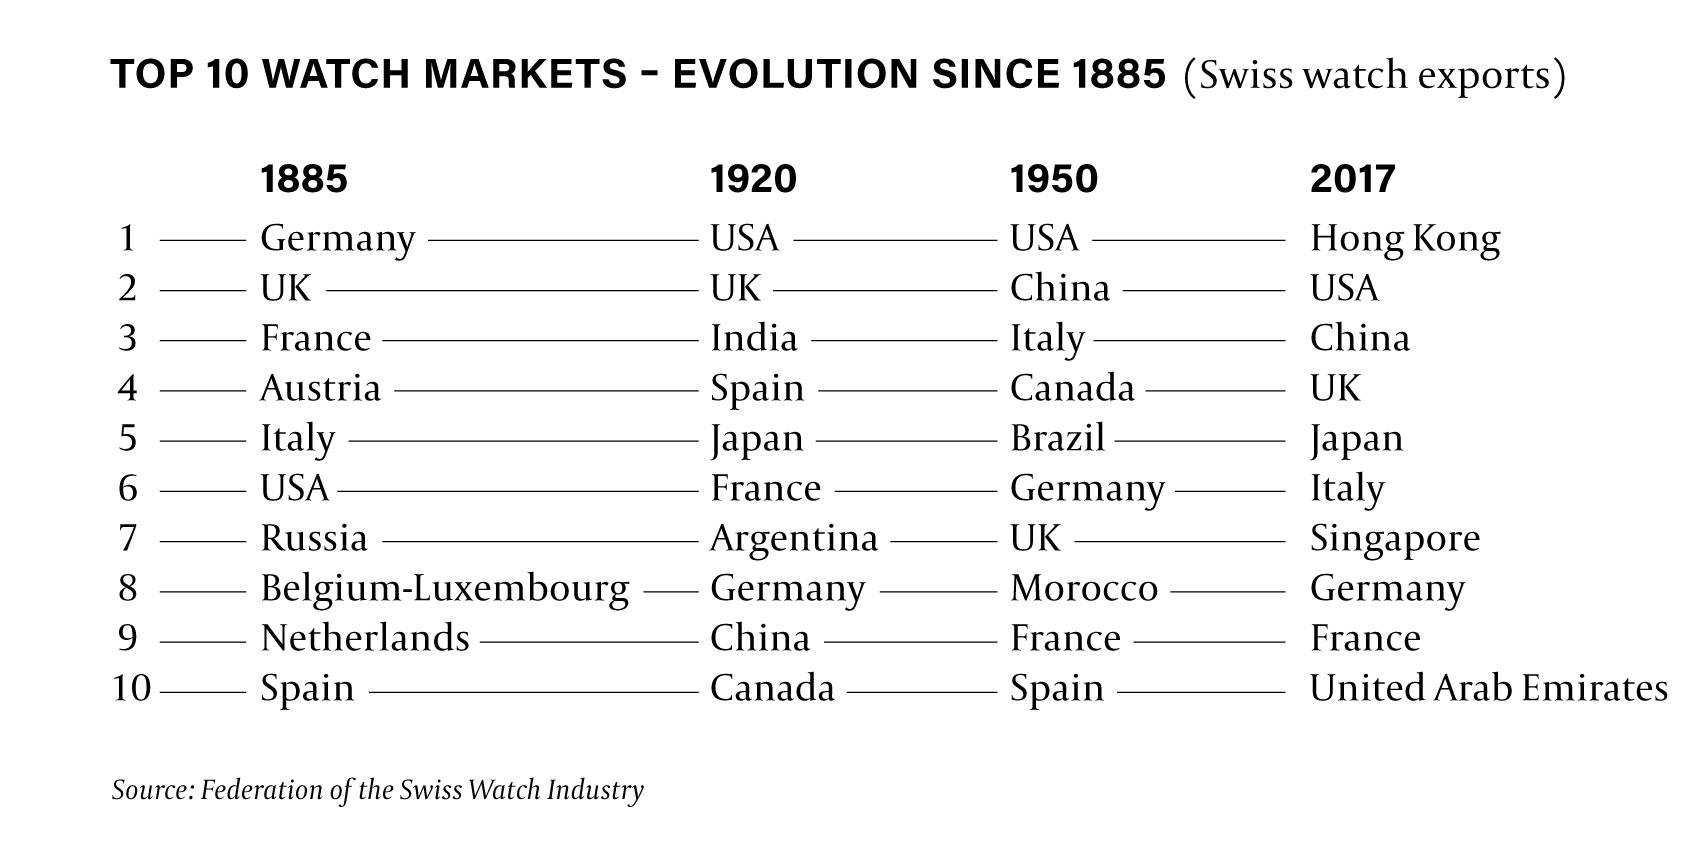 Top 10 watch markets